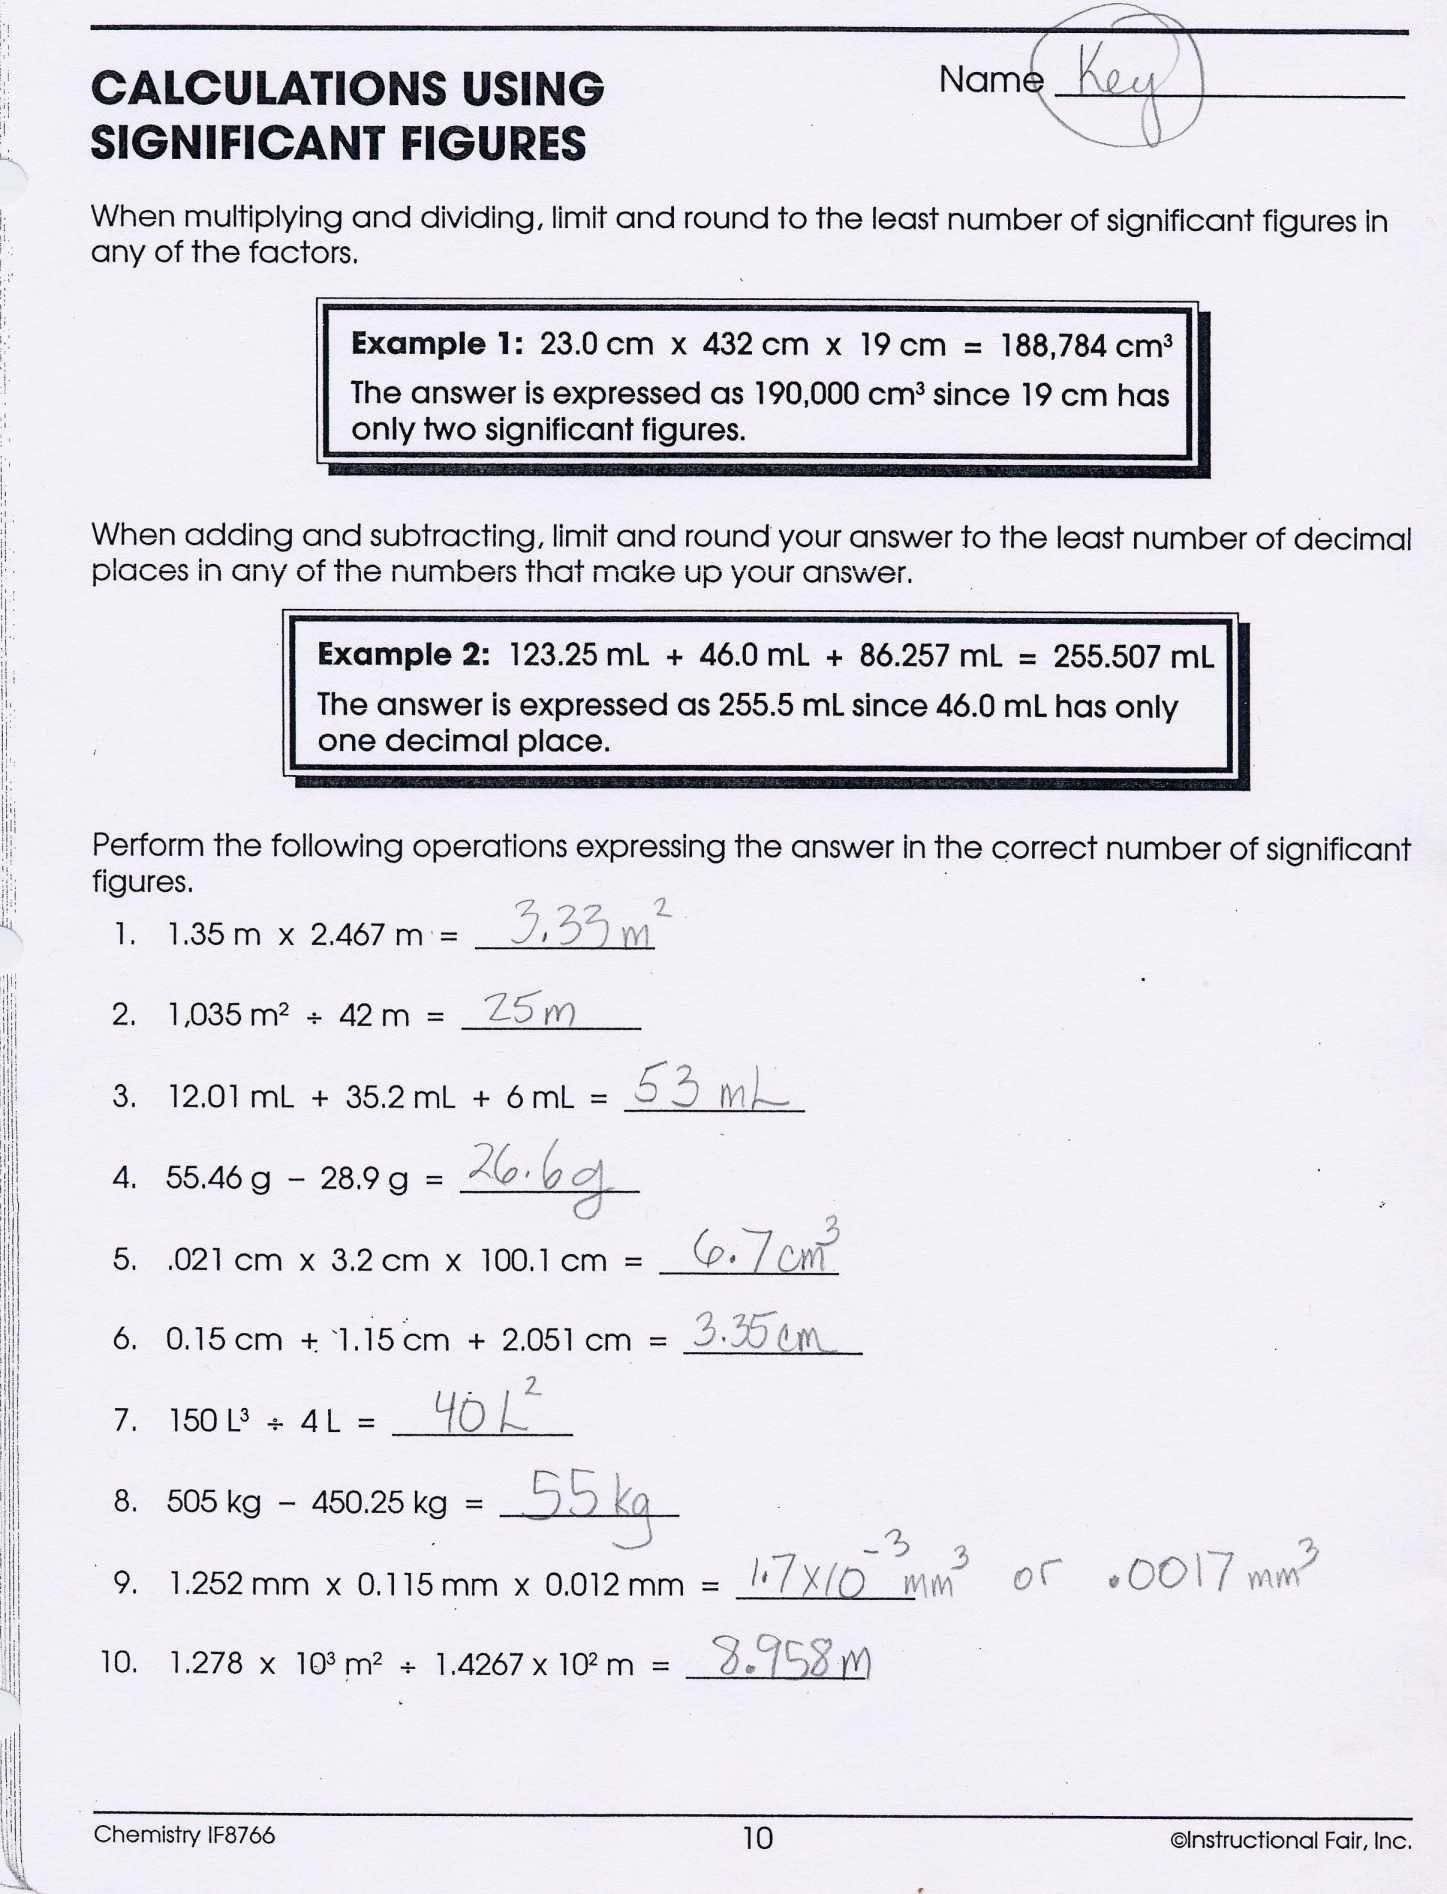 Electron Configuration Worksheet Answers Key